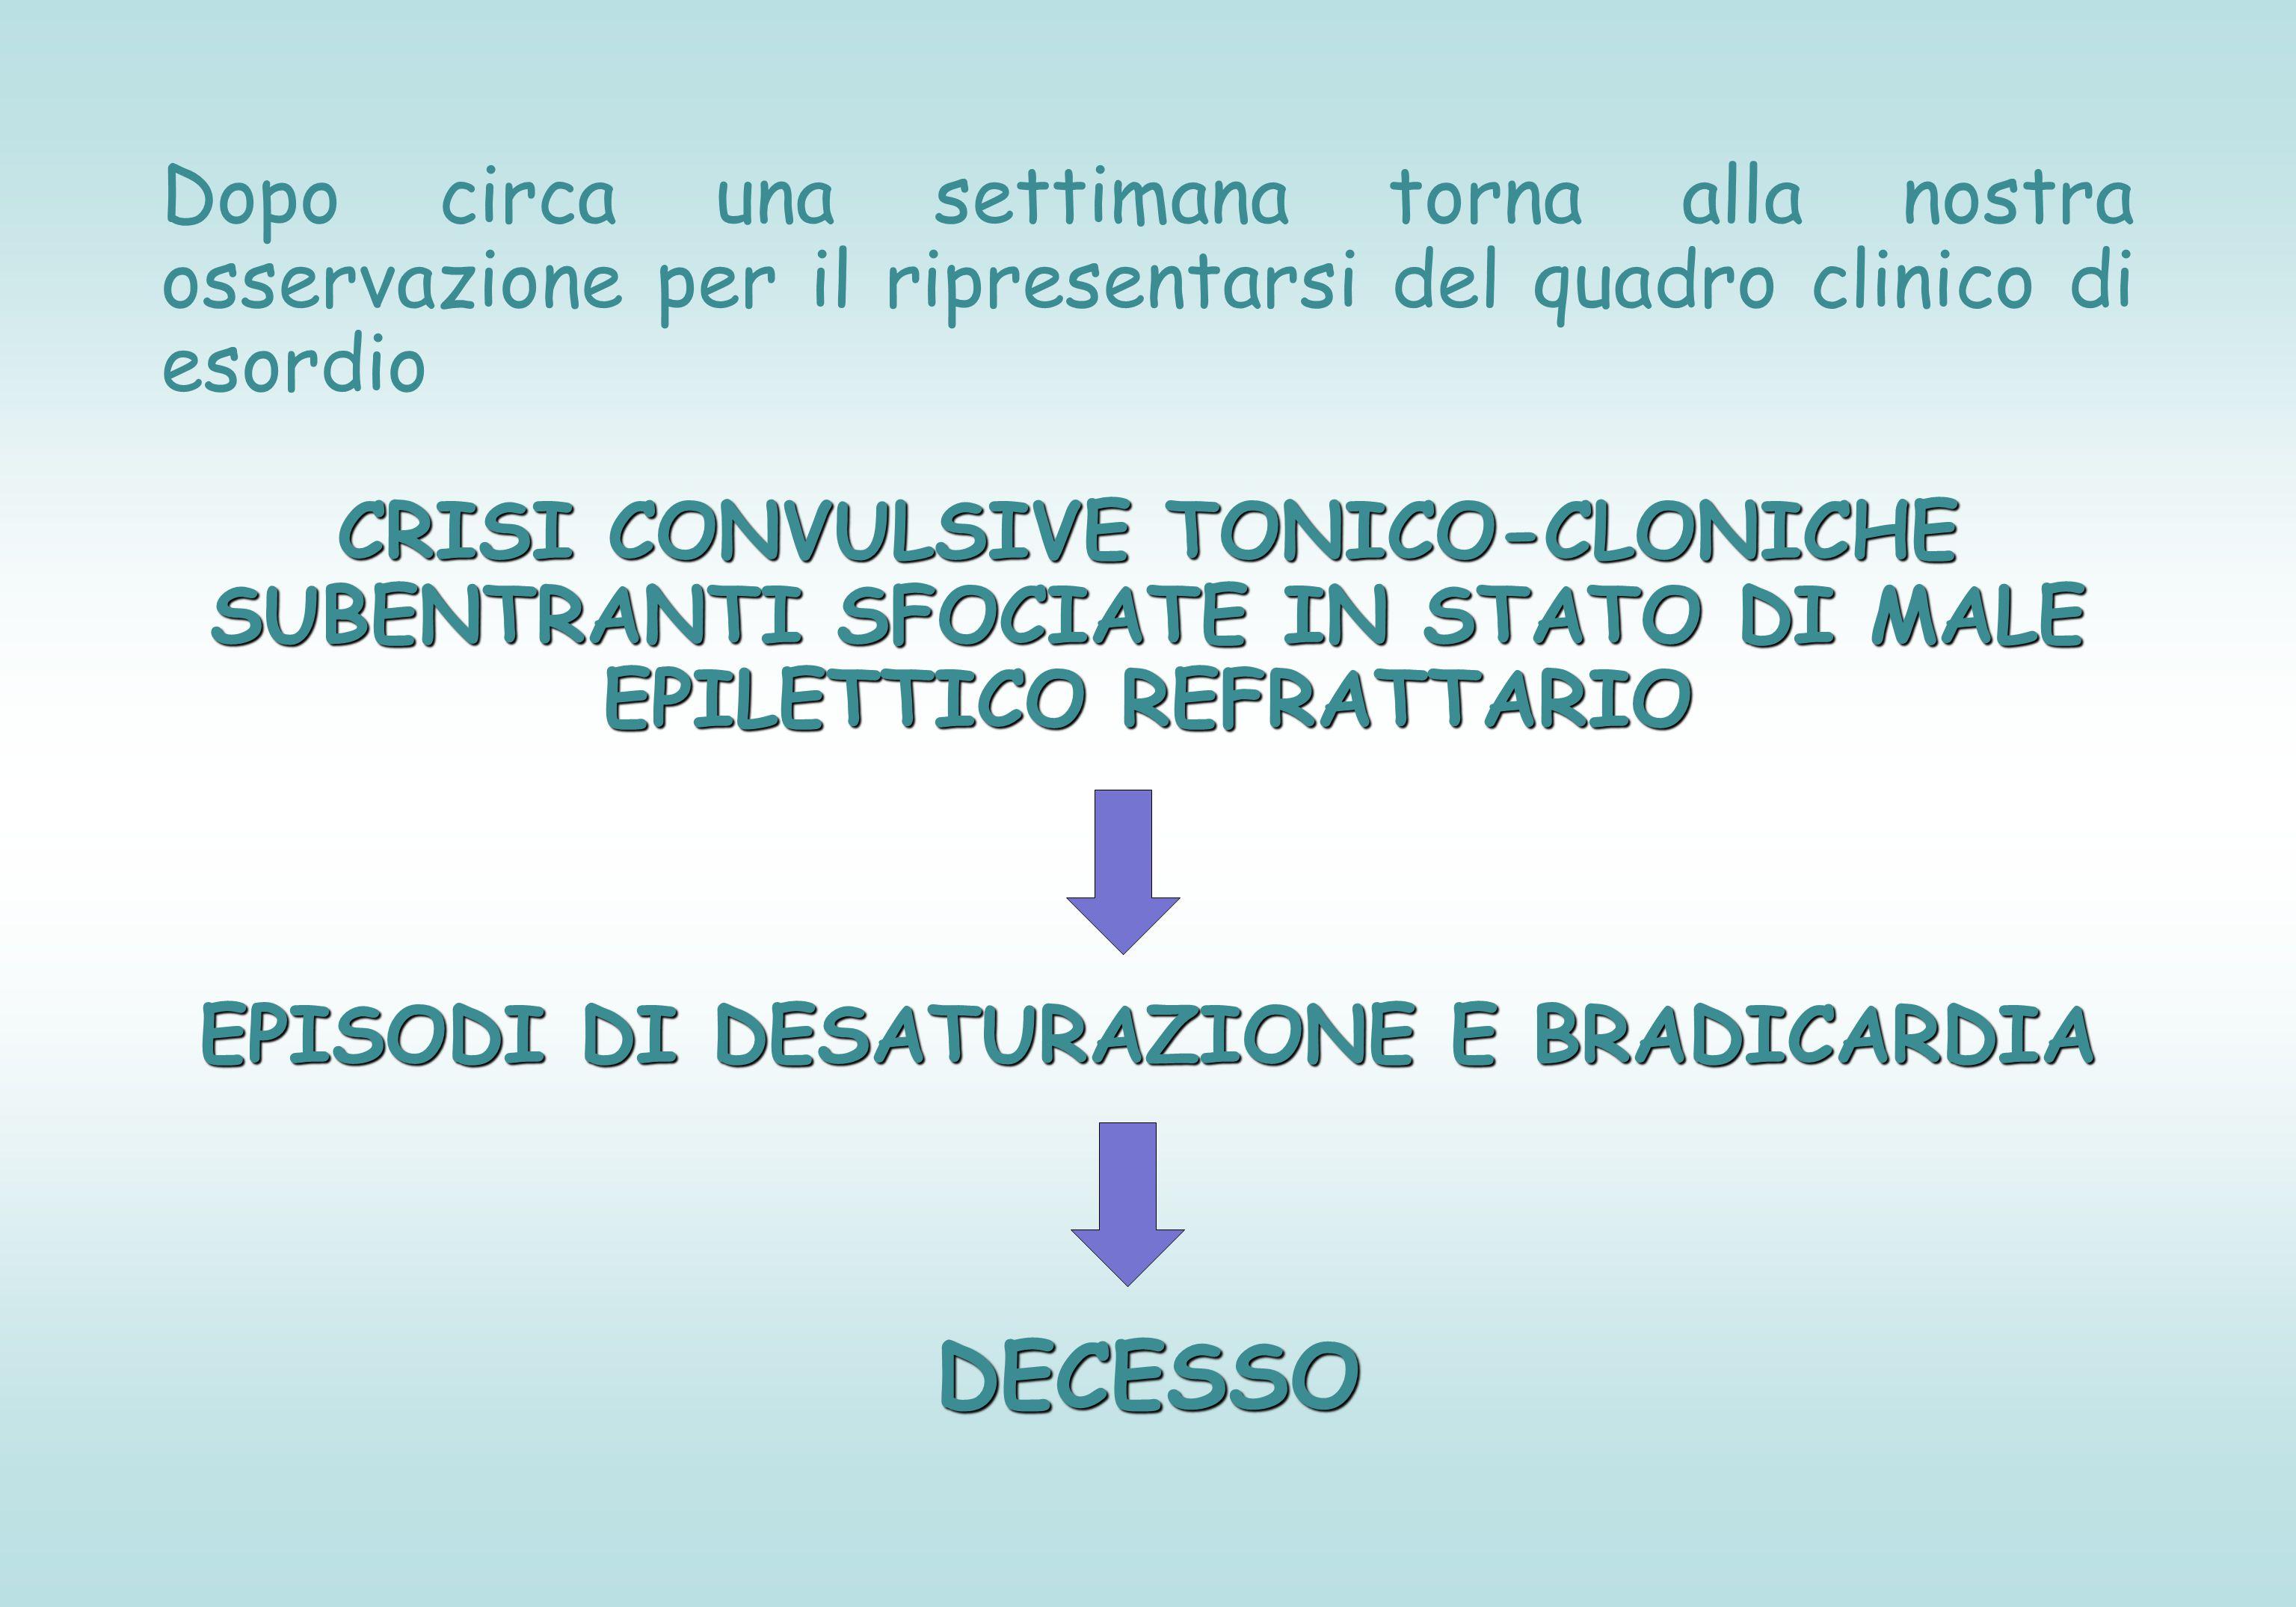 DANNO NEUROLOGICO ACUTO Ipotonia assiale con ipo/ipertono del collo e/o degli arti, opistotono, perdita dei riflessi arcaici, convulsioni, mioclonie, sopore associato o meno a rifiuto dell'alimentazione, coma, polipnea/crisi di apnea, bradicardia, ipotermia …………… SANGUE URINE LIQUOR -Emocromo -Emogasanalisi -Elettroliti -Ca/P/Mg -Glicemia -Azotemia -Uricemia -Ammonemia -Transaminasi, gamma-glutamil trasferasi -CPK/CPK-MB -Esame chimico-fisico -Sostanze riducenti -2-4dinitrofenilidrazina -Sulfites -Esame chimico-fisico- multisticks -Lattato, piruvato, L/P -Aminoacidogramma -Dosaggio neurotrasmettitori -Bande oligoclonali Esami laboratorio di I livello -Bilirubinemia totale e diretta -Profilo della coagulazione e mutazioni (omociseina, atc anti cardiolipina, beta2glicoproteina, protrombina, mutaz fatt V, II e MTHFR) -Lattato, piruvato, L/P -Acido urico -NEFA -Corpi chetonici Indagini strumentali (EEG, IMAGING) -Ecografia cerebrale -EEG -RMN ACIDOSI METABOLICA, CHETOSI, IPERAMMONEMIA, IPERLATTIC0ACIDEMIA, NORMO-IPO- IPERGLICEMIA ACIDOSI METABOLICA, CHETOSI, IPERAMMONEMIA, IPOGLICEMIA IPERAMMONEMIA, ASSENZA DI ACIDOSI METABOLICA E CHETOSI IPERAMMONEMIA, IPOGLICEMIA, IPERLATTICOACIDEMIA, ACIDOSI METABOLICA, CHETOSI INADEGUATA O ASSENTE IPERLATTICOACIDEMIA, IPERAMMONEMIA ACIDOSI METABOLICA, NORMOGLICEMIA, CHETOSI ASSENTE IPERAMMONEMIA, IPERLATTICOACIDEMIA, ACIDOSI METABOLICA, IPO/NORMOGLICEMIA, CHETOSI IPOGLICEMIA, IPERLATTICOACIDEMIA, ACIDOSI METABOLICA, CHETOSI DANNO NEUROLOGICO NON ASSOCIATO AD ALTERAZIONI BIOCHIMICHE DI BASE Esami laboratorio di II livello ed indagini genetiche ACIDEMIE ORGANICHE DEFICIT DI OLOCARBOSSILA SI SINTETASI MALATTIA DELLE URINE A SCIROPPO D'ACERO DIFETTI DEL CICLO DELL'UREA DIFETTI BETA- OSSIDAZIONE ACIDI GRASSI DEFICIT PDH DEFICIT PC e DIFETTI CATENA RESPIRATORIA DEFICIT FRUTTOSO 1-6 DIFOSFATASI - Ac.Isovalerica(++isovaleril CoA) -Ac.Metilmalonica (++metilmalonil CoA) -Ac.Propionica (++propionil CoA) -Ac.Idrossimetilglutarica (++3idrossi3me